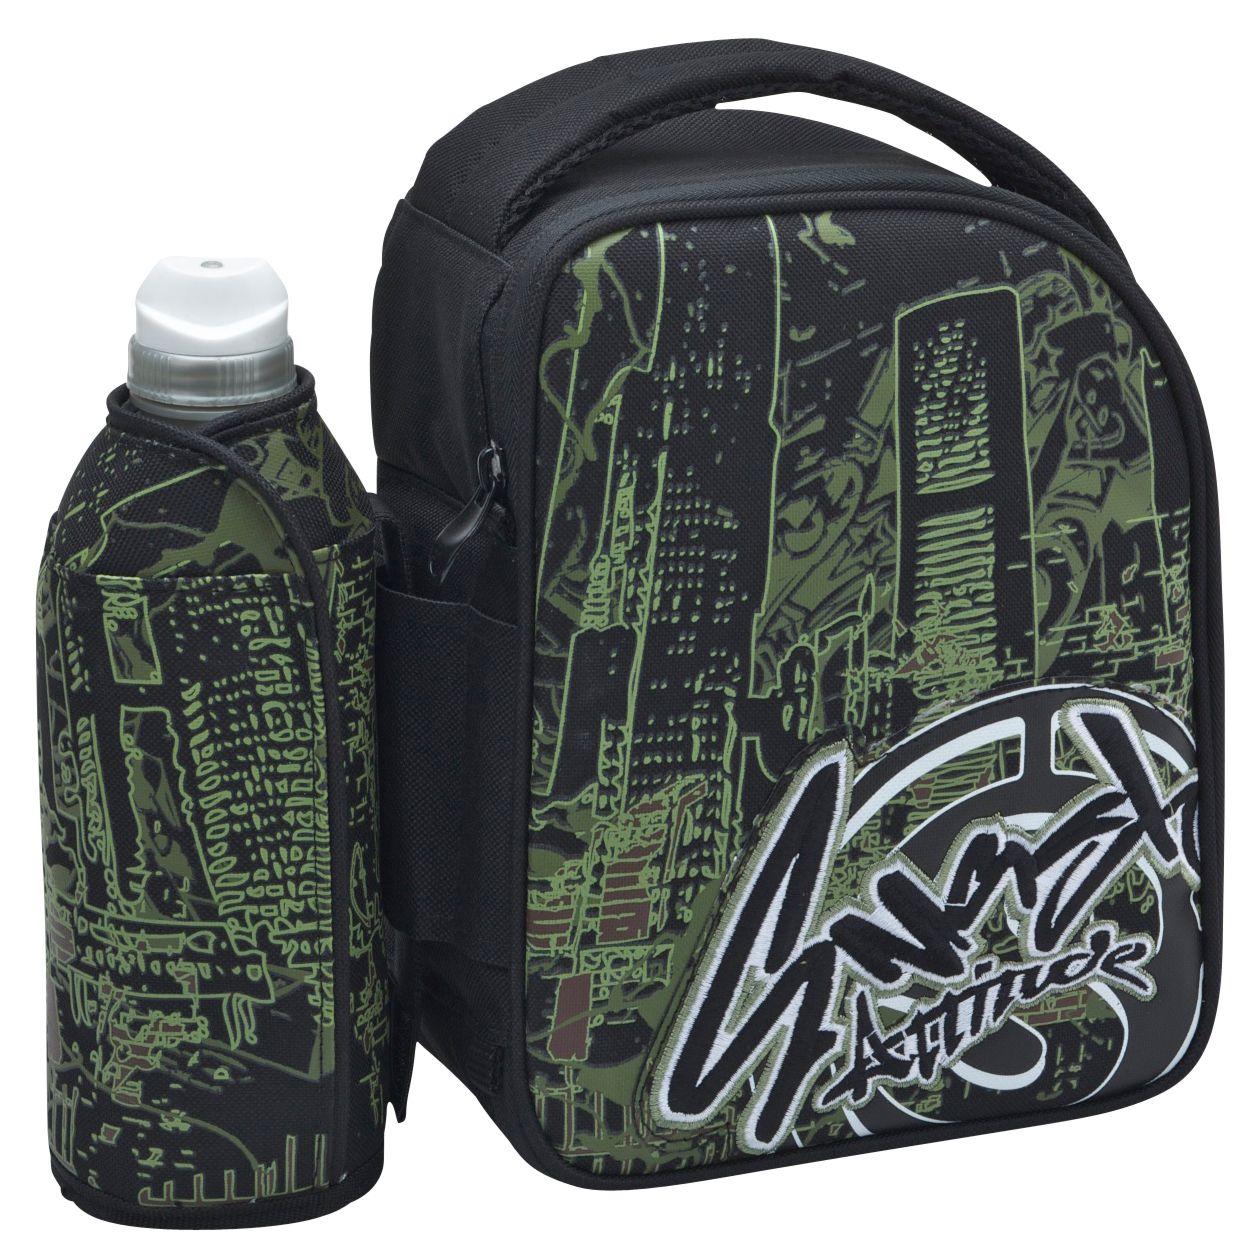 Smash Skape Angle Lunch Bag and Bottle